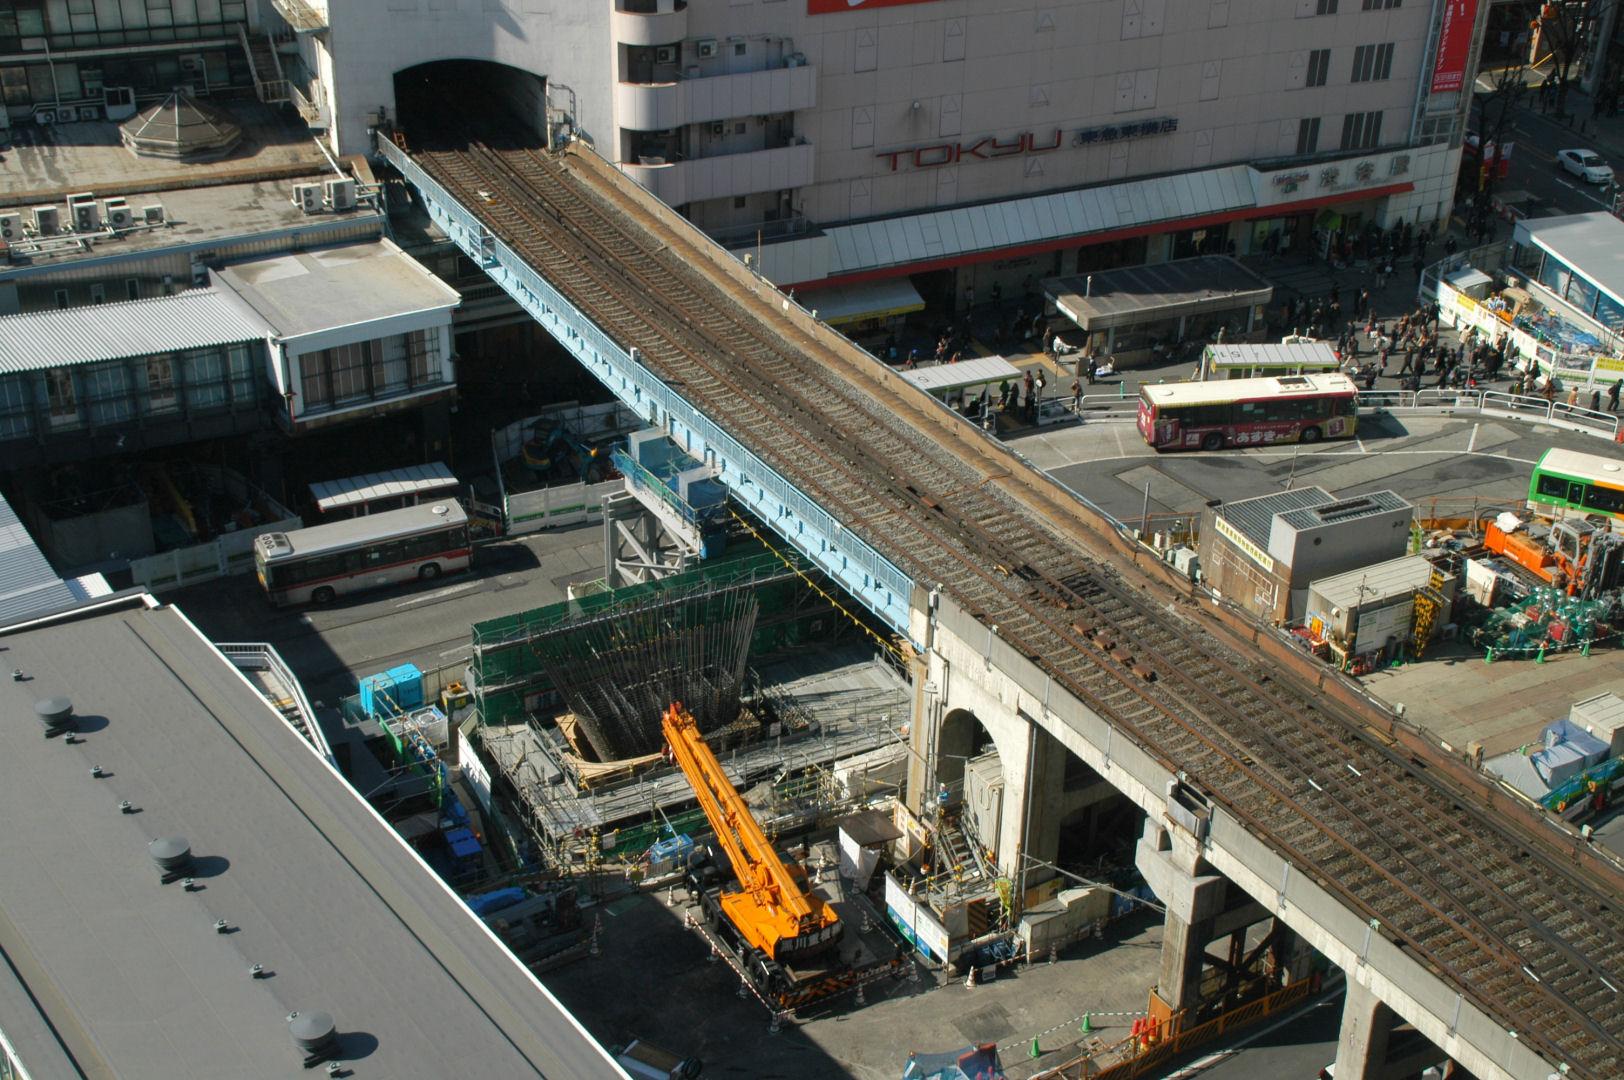 shibuya32113020020.jpg